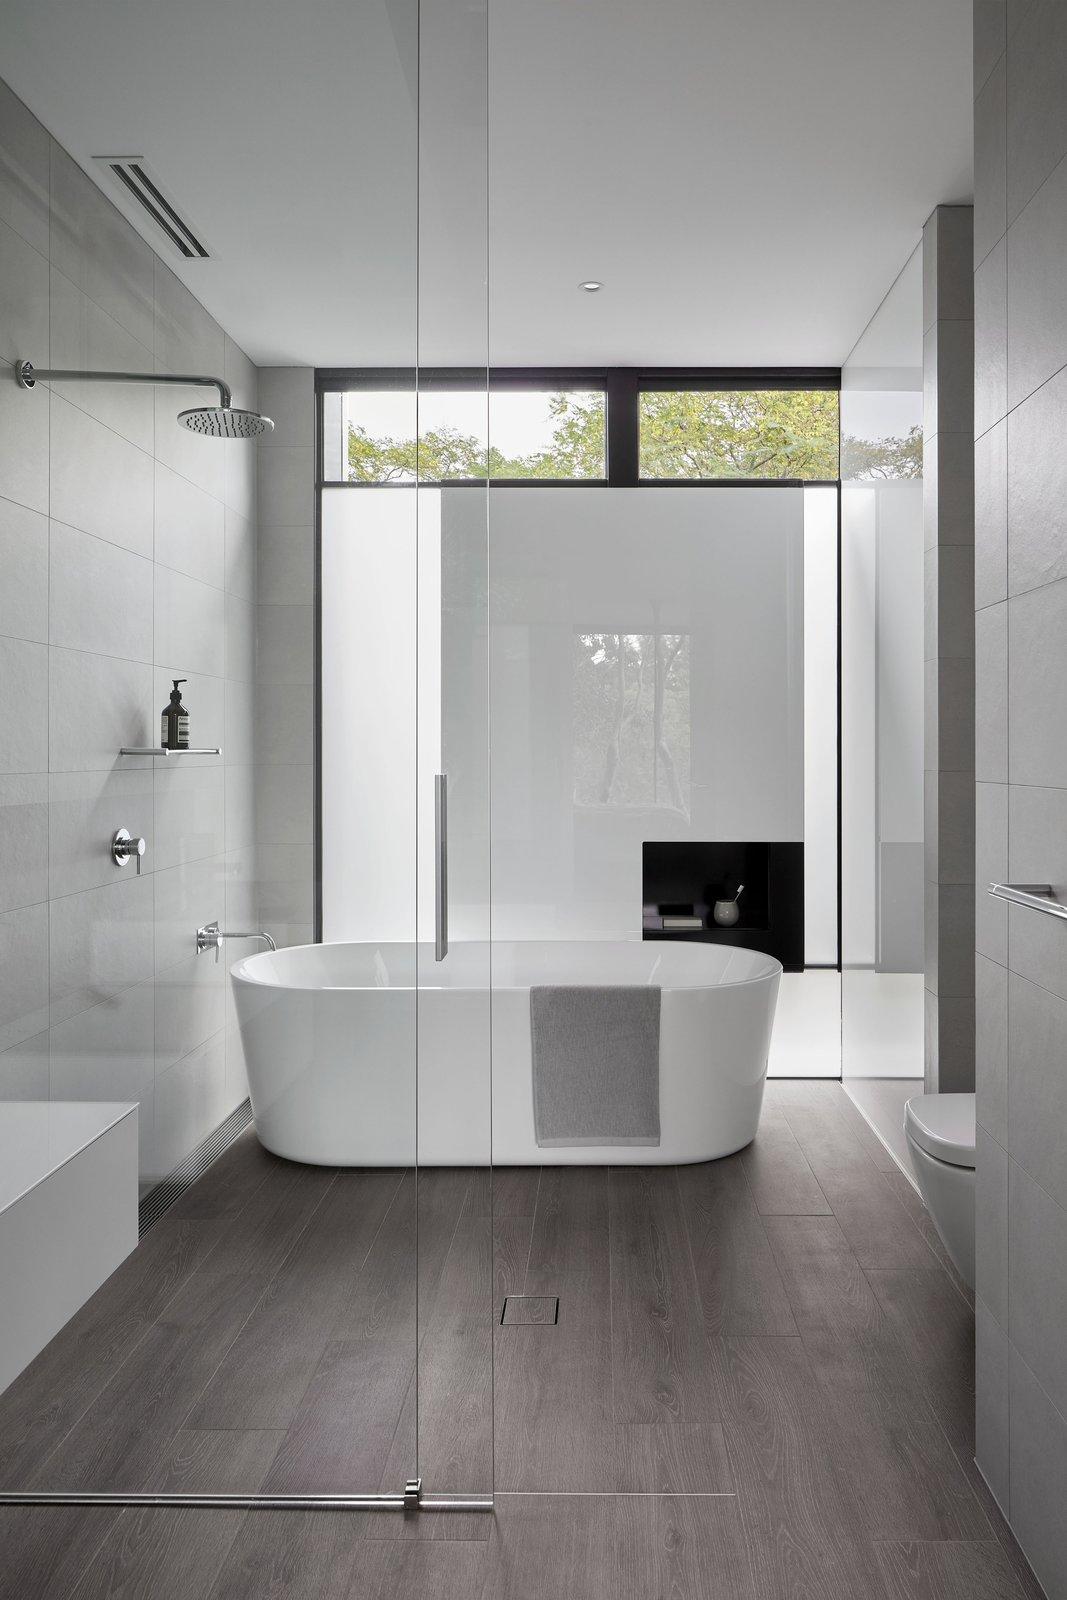 Moat's Corner bathroom